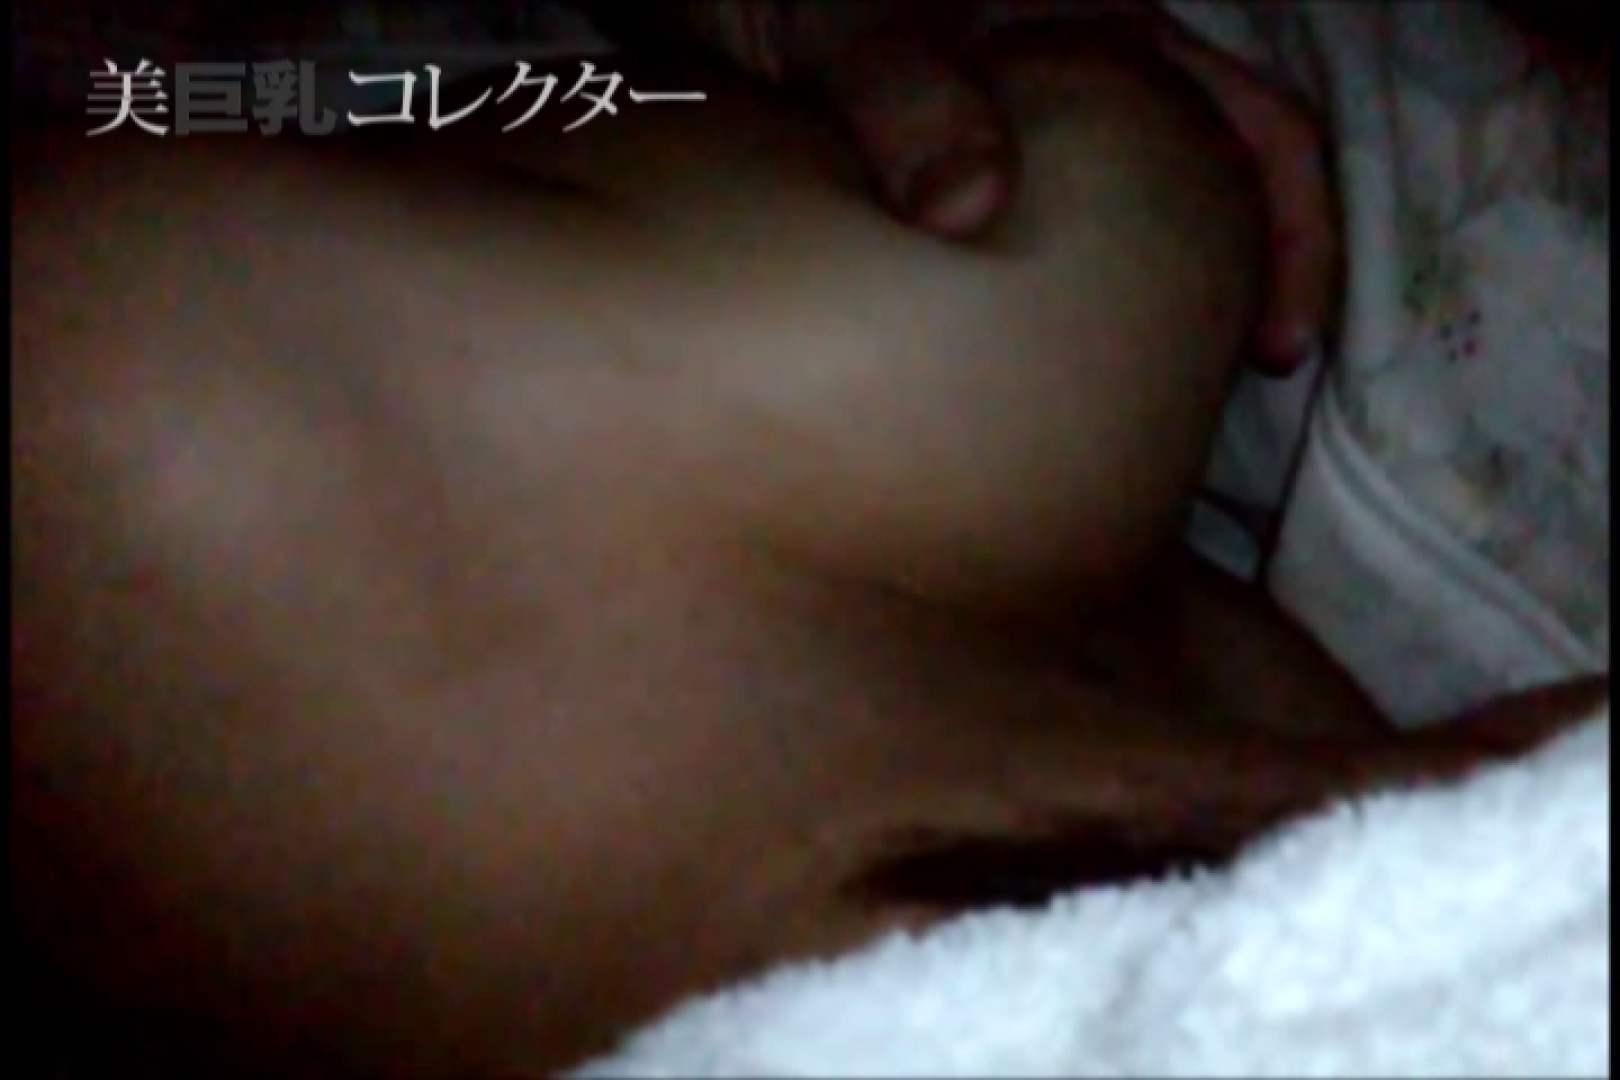 泥酔Hカップ爆乳ギャル2 ギャル オメコ無修正動画無料 110pic 38